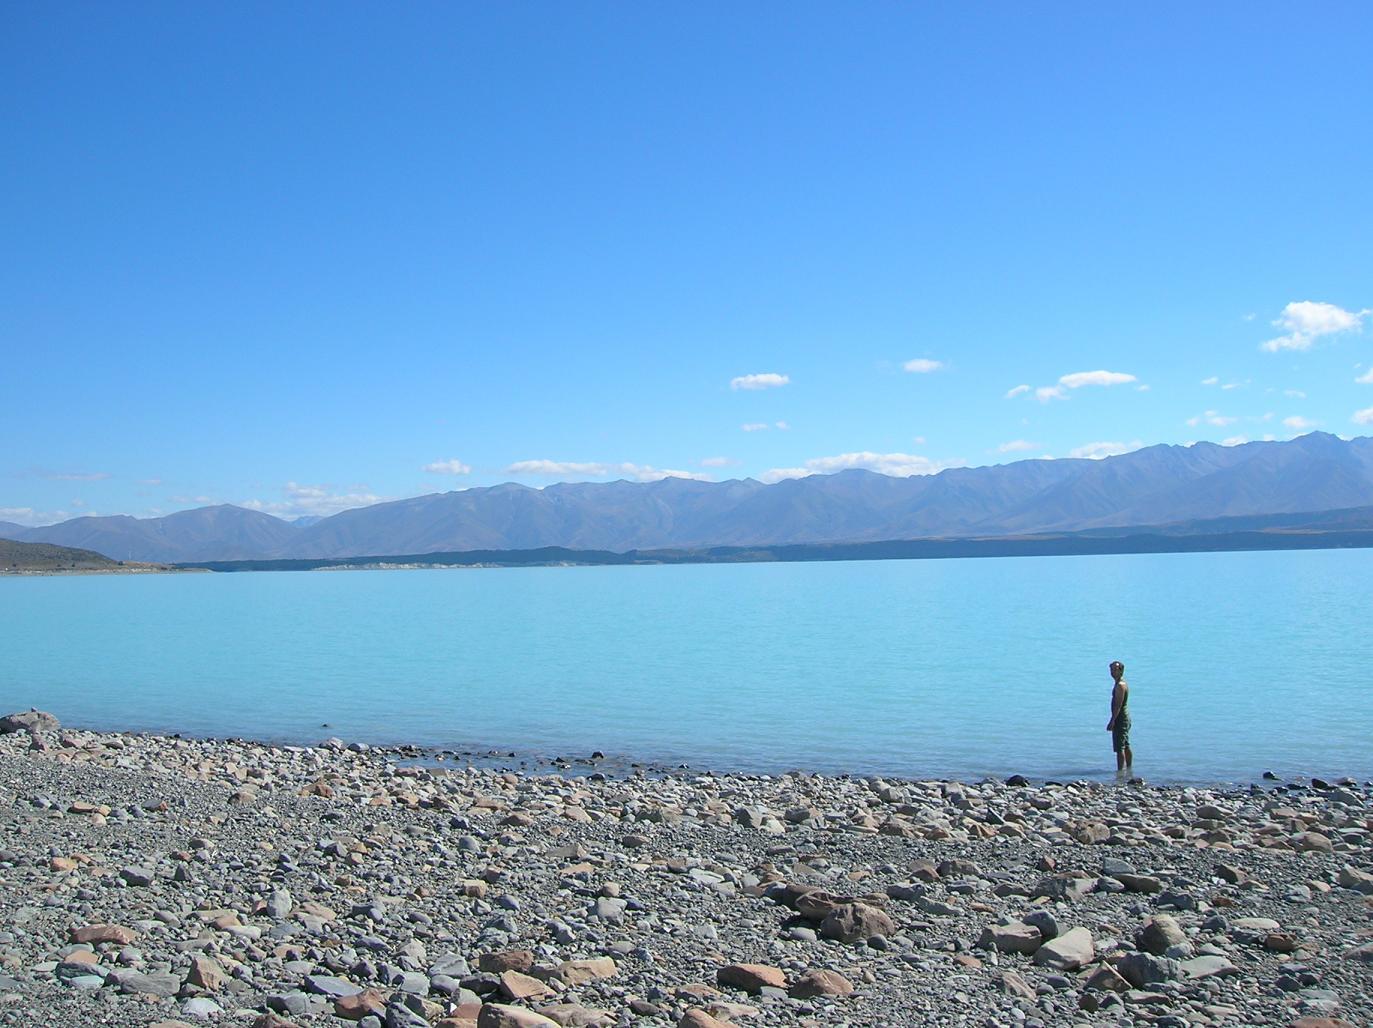 Der See 'Schlechter Geruch (Pu) wegen zuvieler öffentlicher Toiletten (Kaki)'